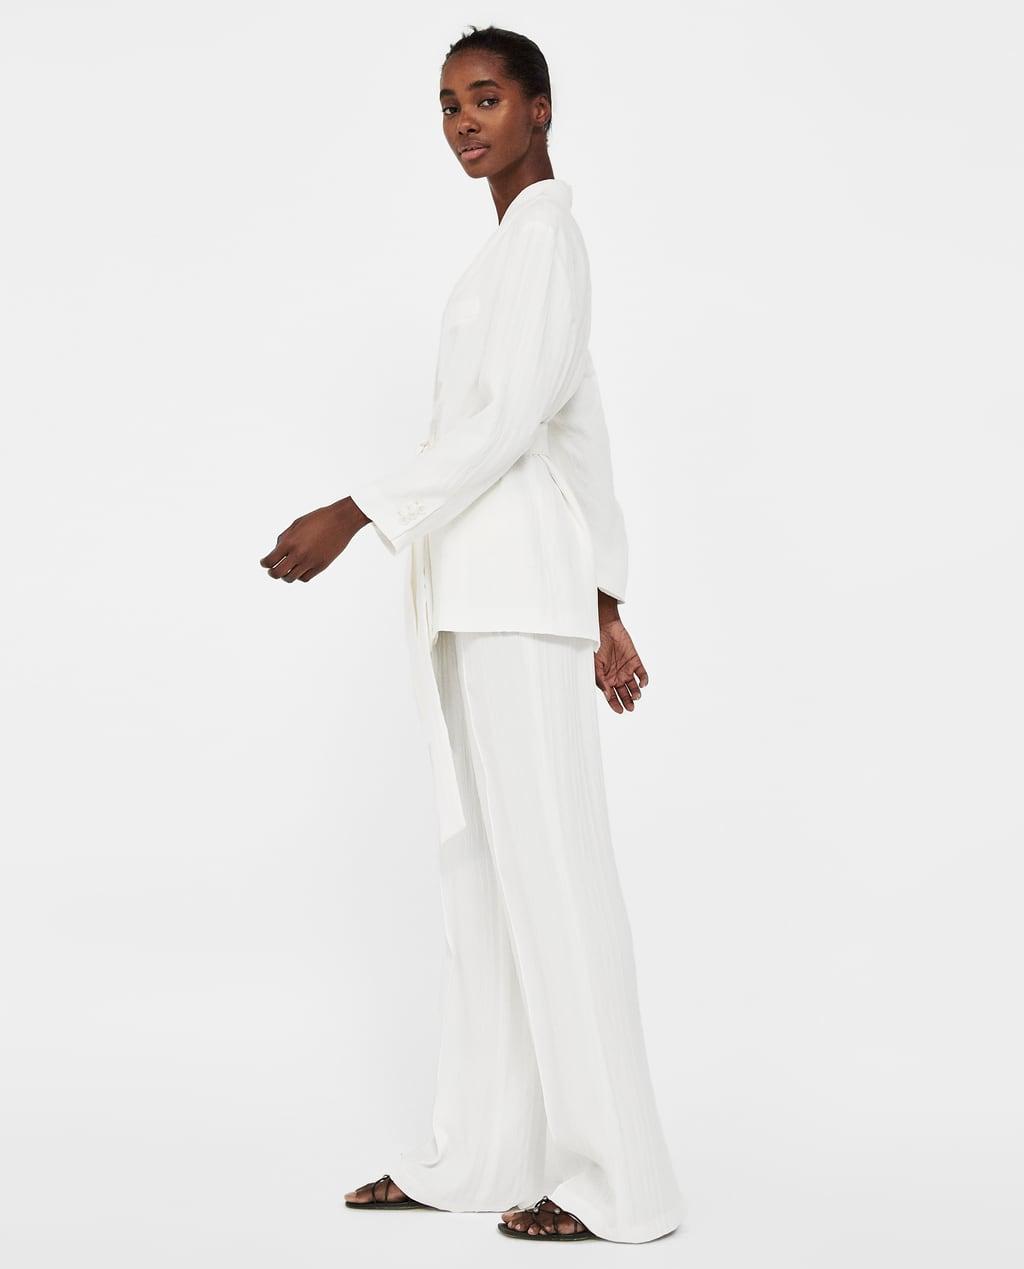 de calidad superior precio precio competitivo De Zara Y Pantalon Traje Mujer Chaqueta PZuOXki